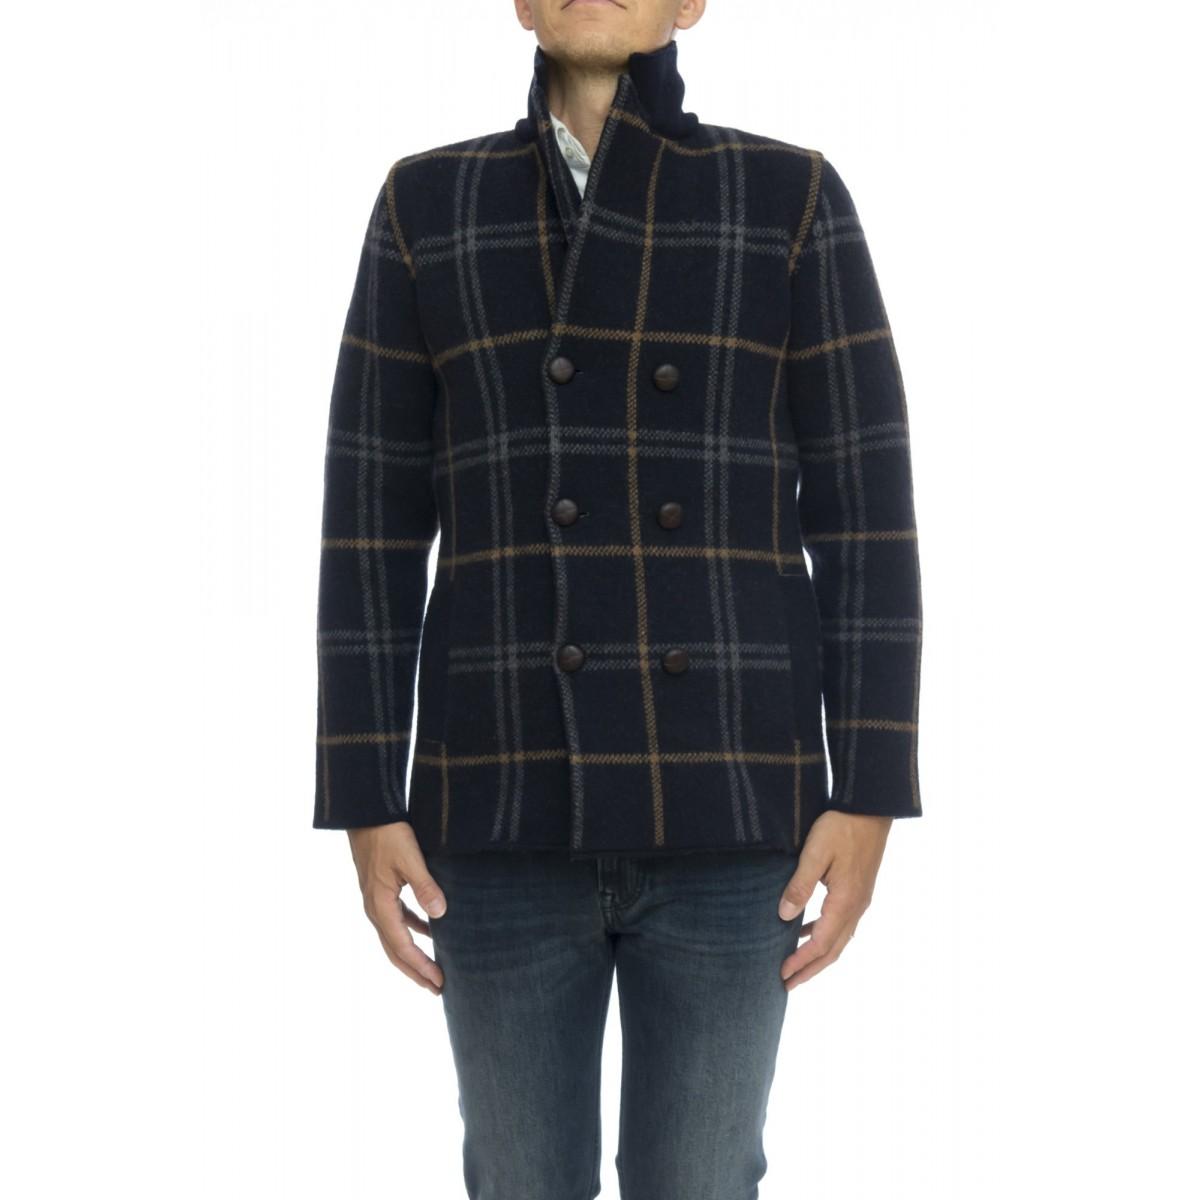 Jacket Picot Man- 7024/A picot